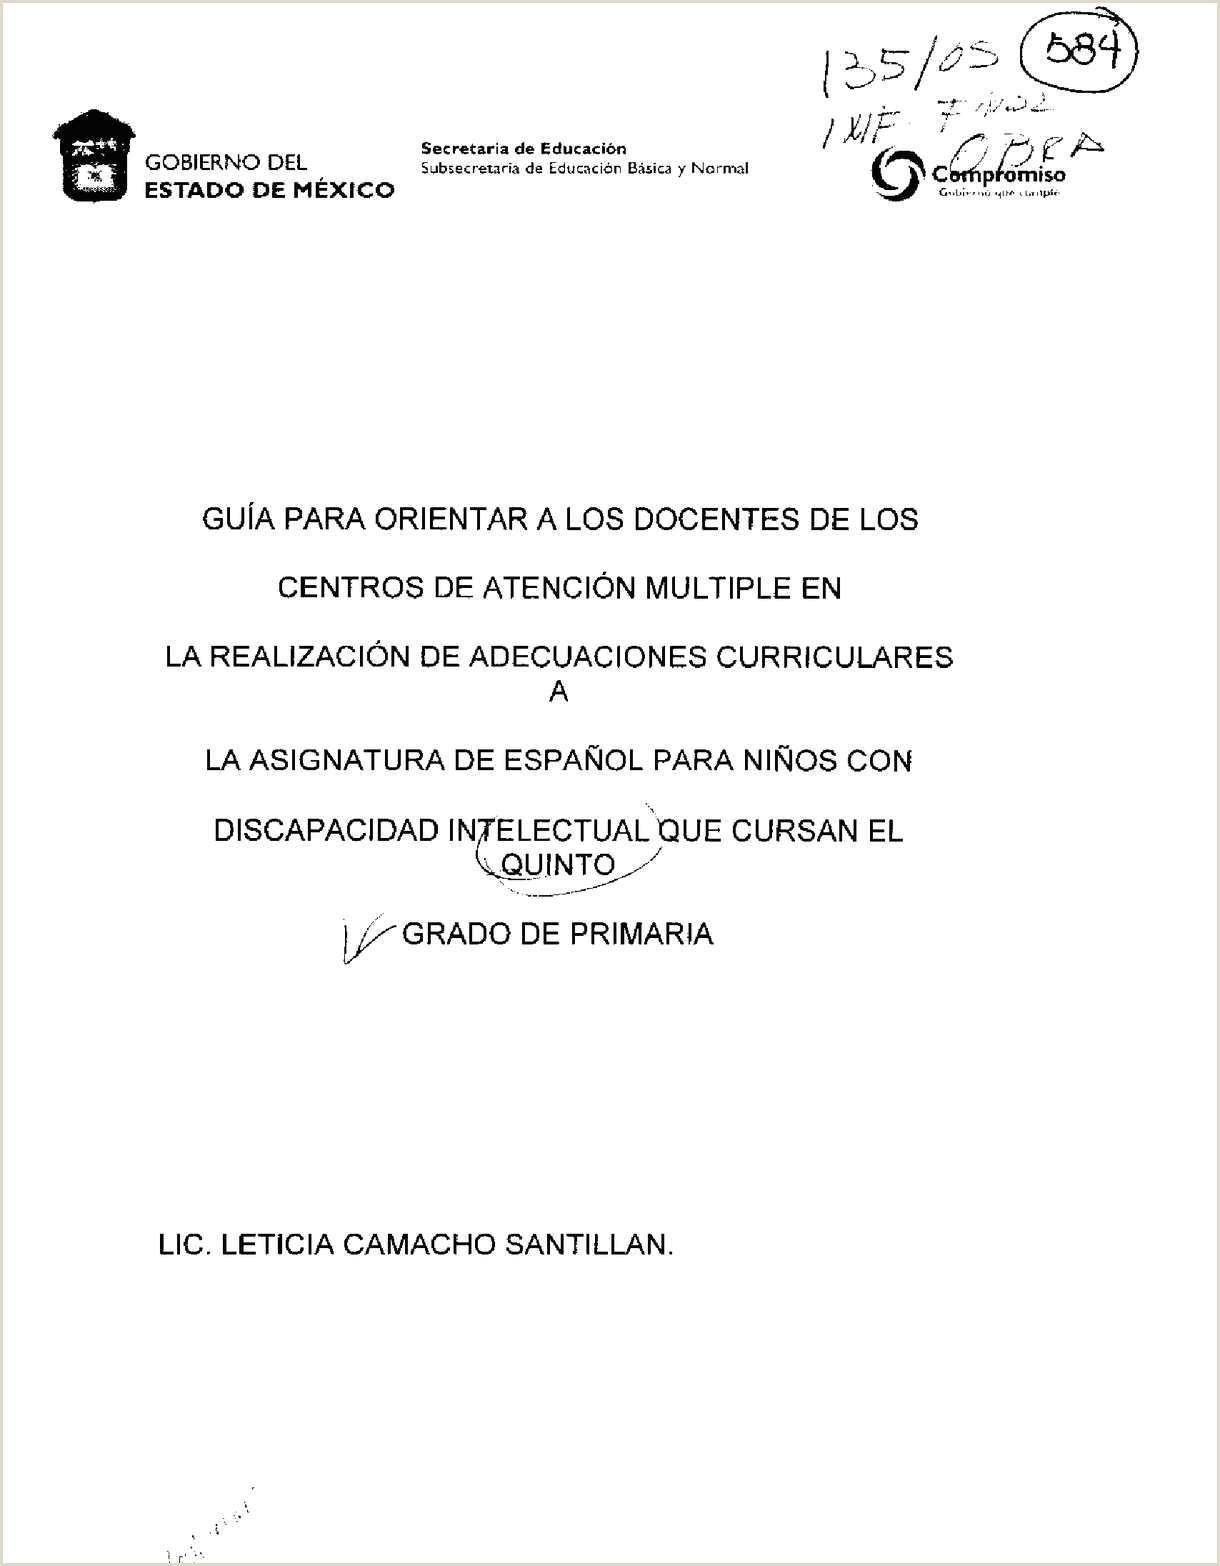 Formato Hoja De Vida Licenciada En Preescolar Calaméo Gua Para orientar A Los Docentes De Los Centros